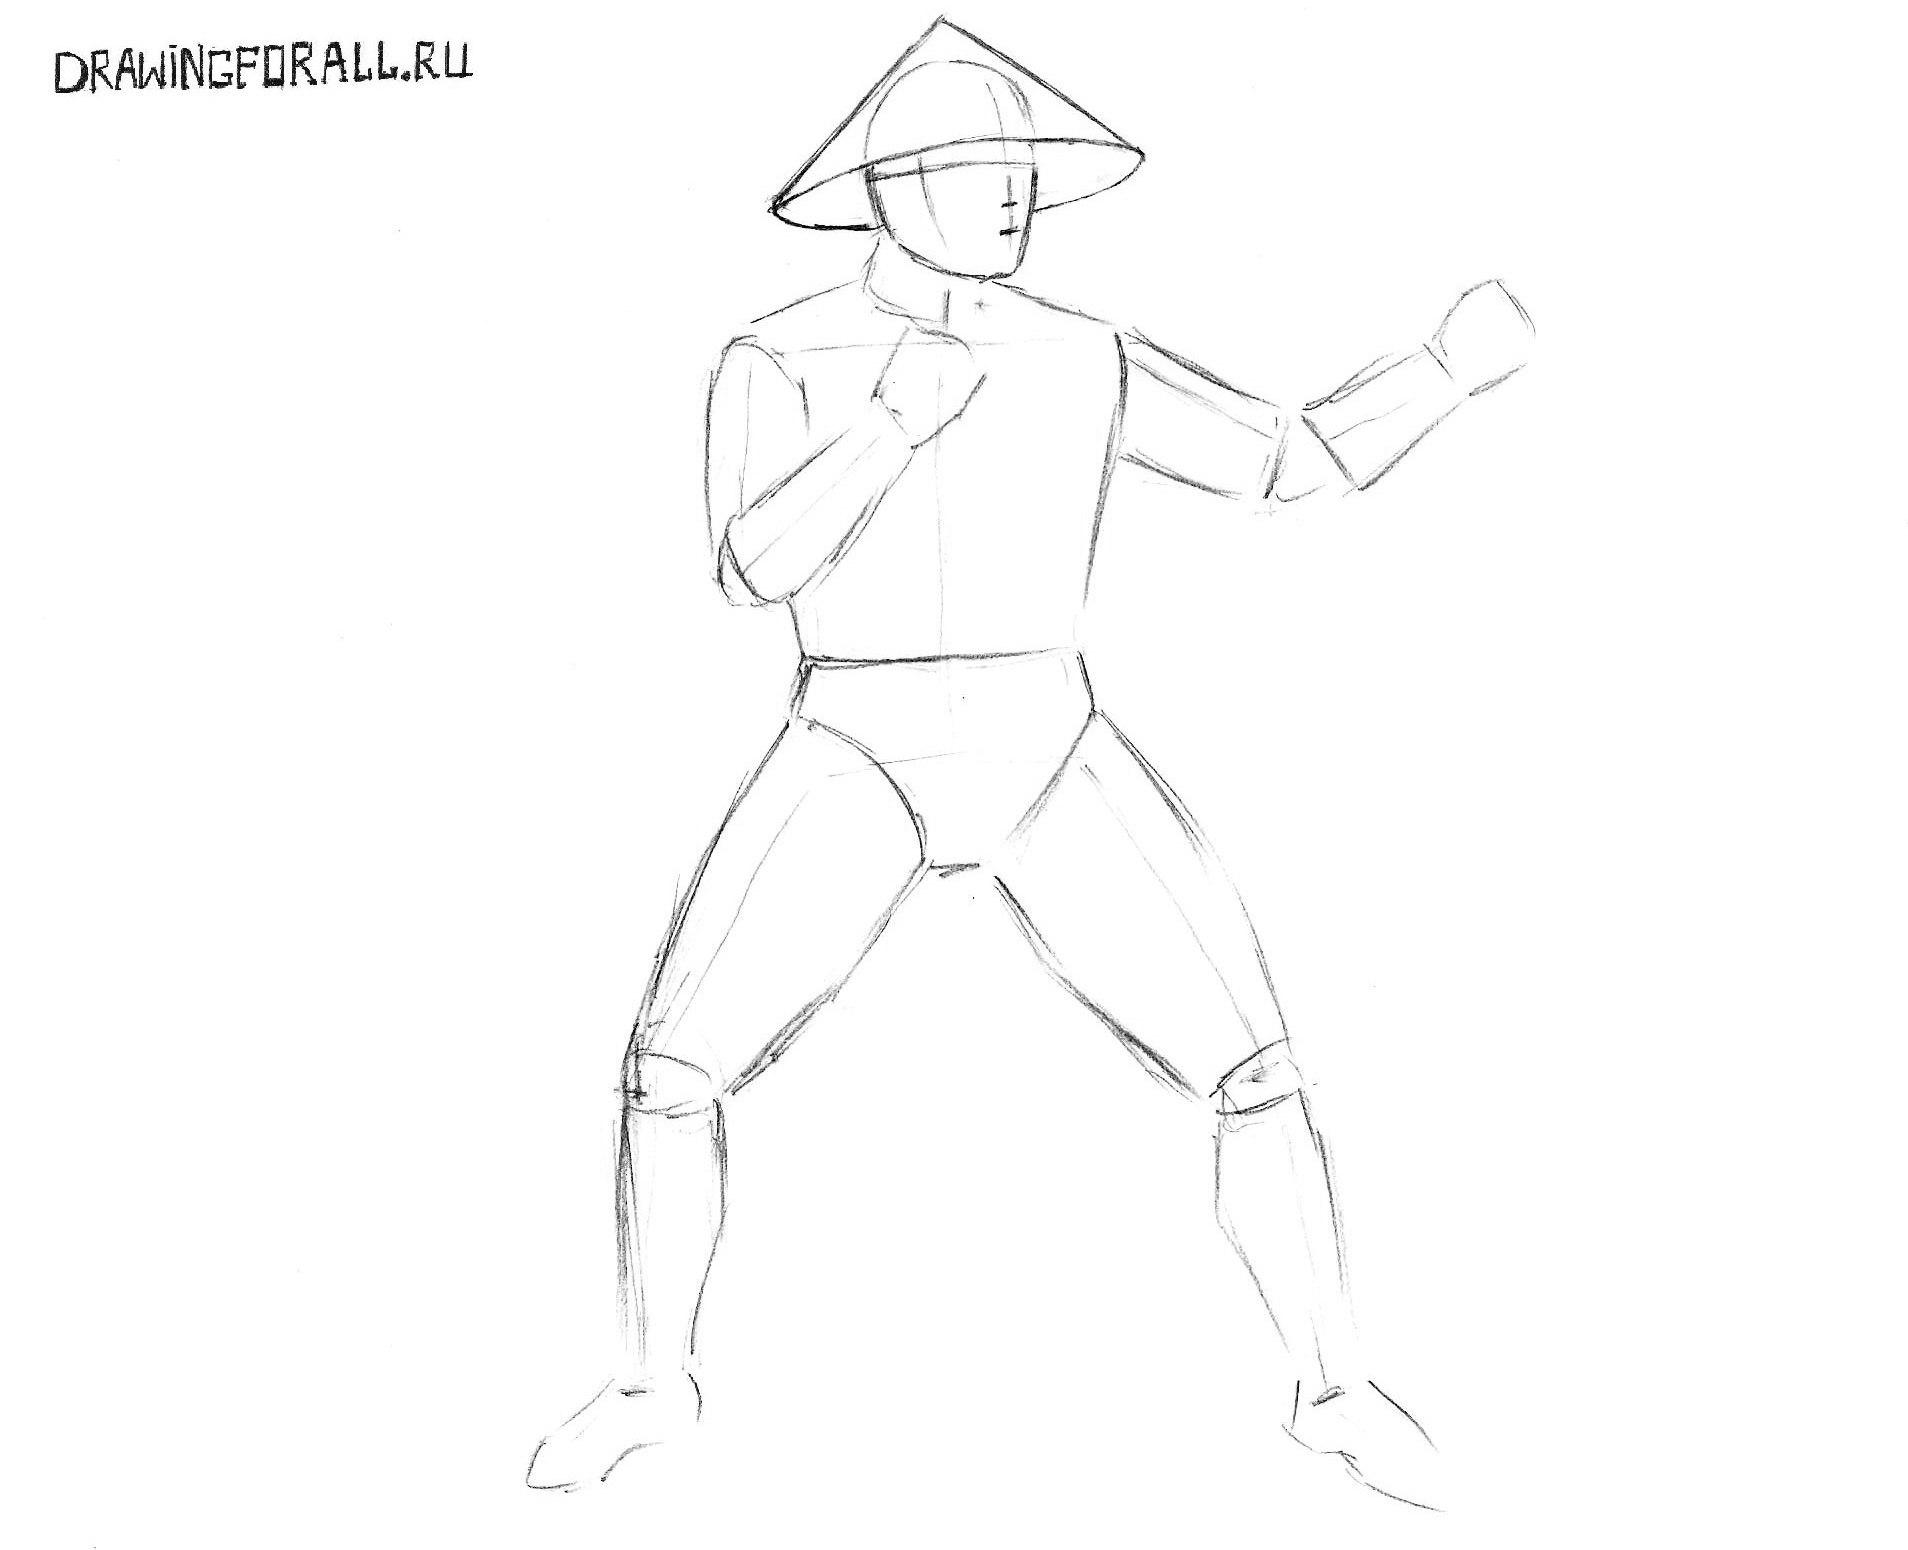 как нарисовать райдена карандашом